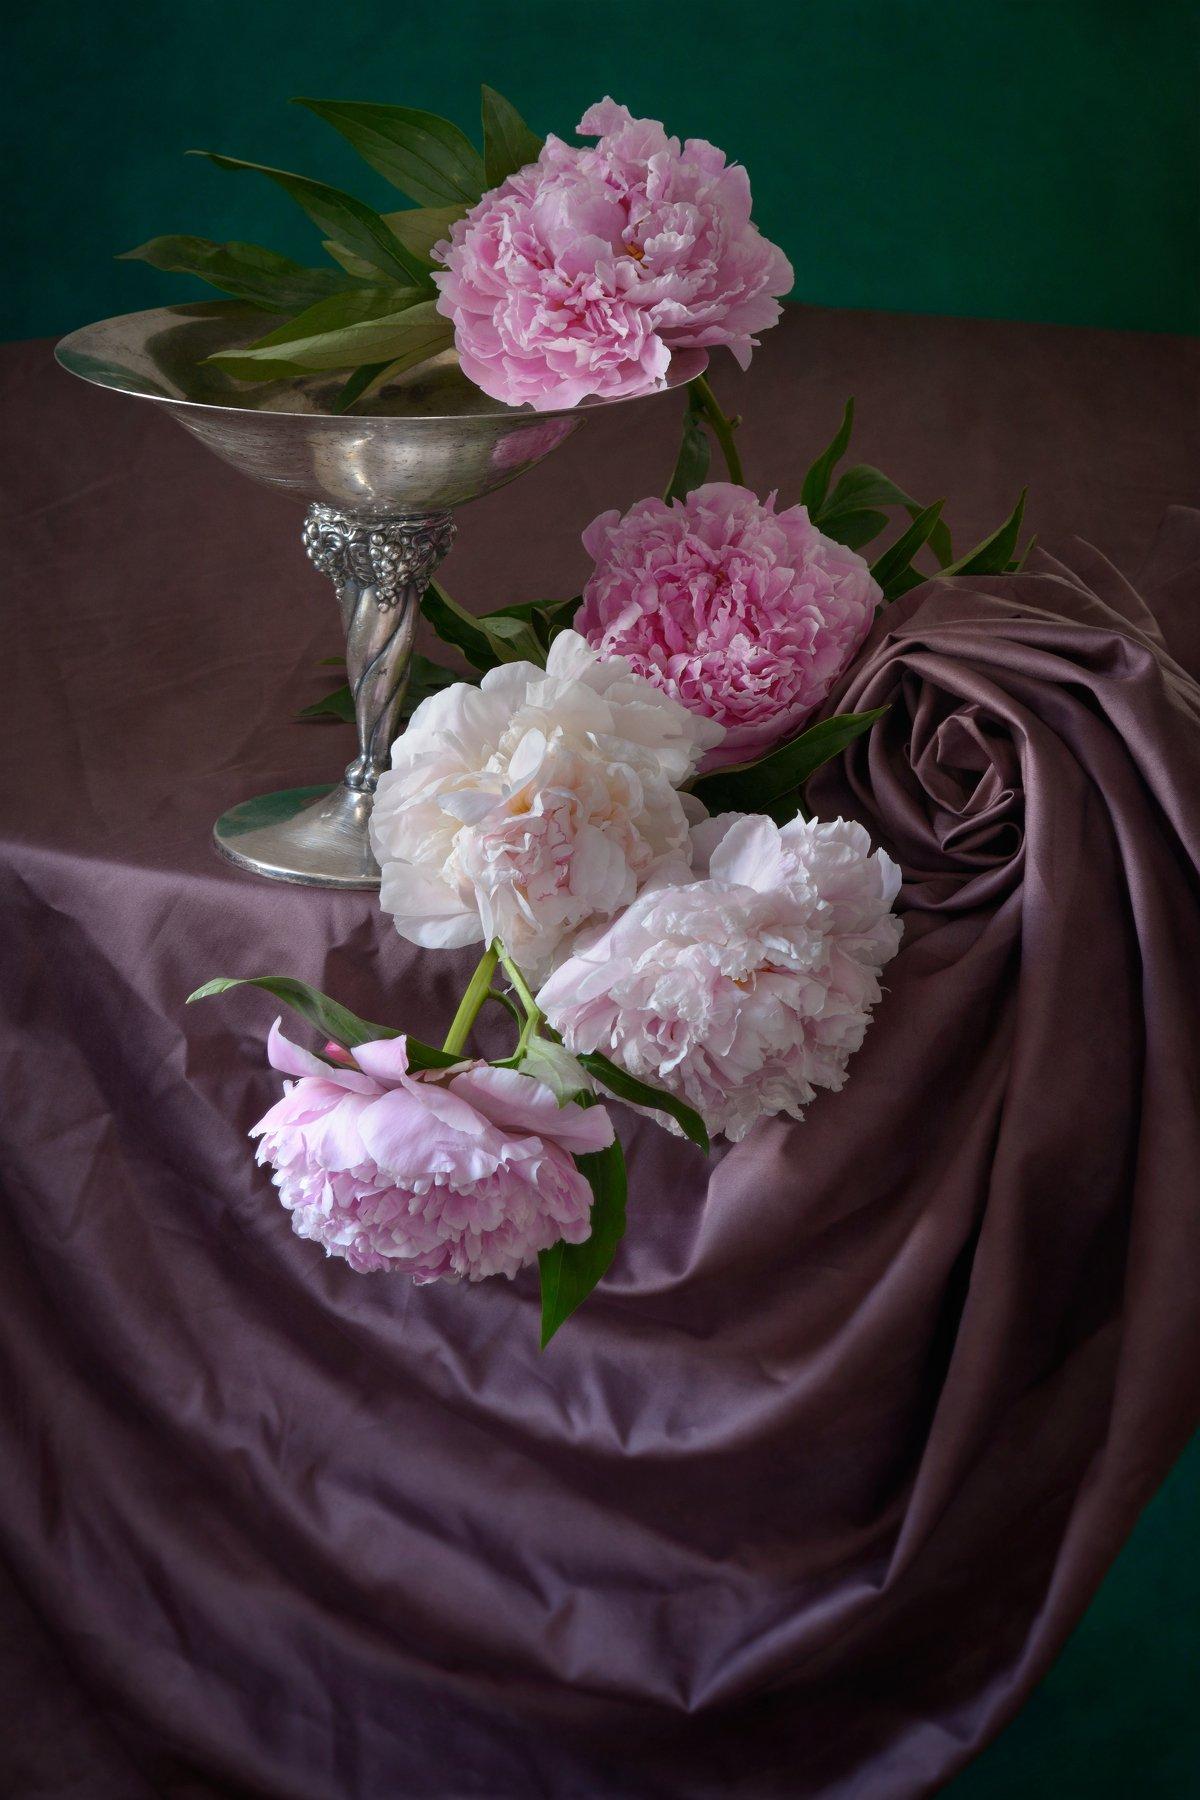 Классический, цветочный, натюрморт, пышный, букет, пион, оттенки, розовый, цвет, старинный, металлический, ваза, свернутый,  драпировка, естественный, освещение, начало лета, Николай Панов